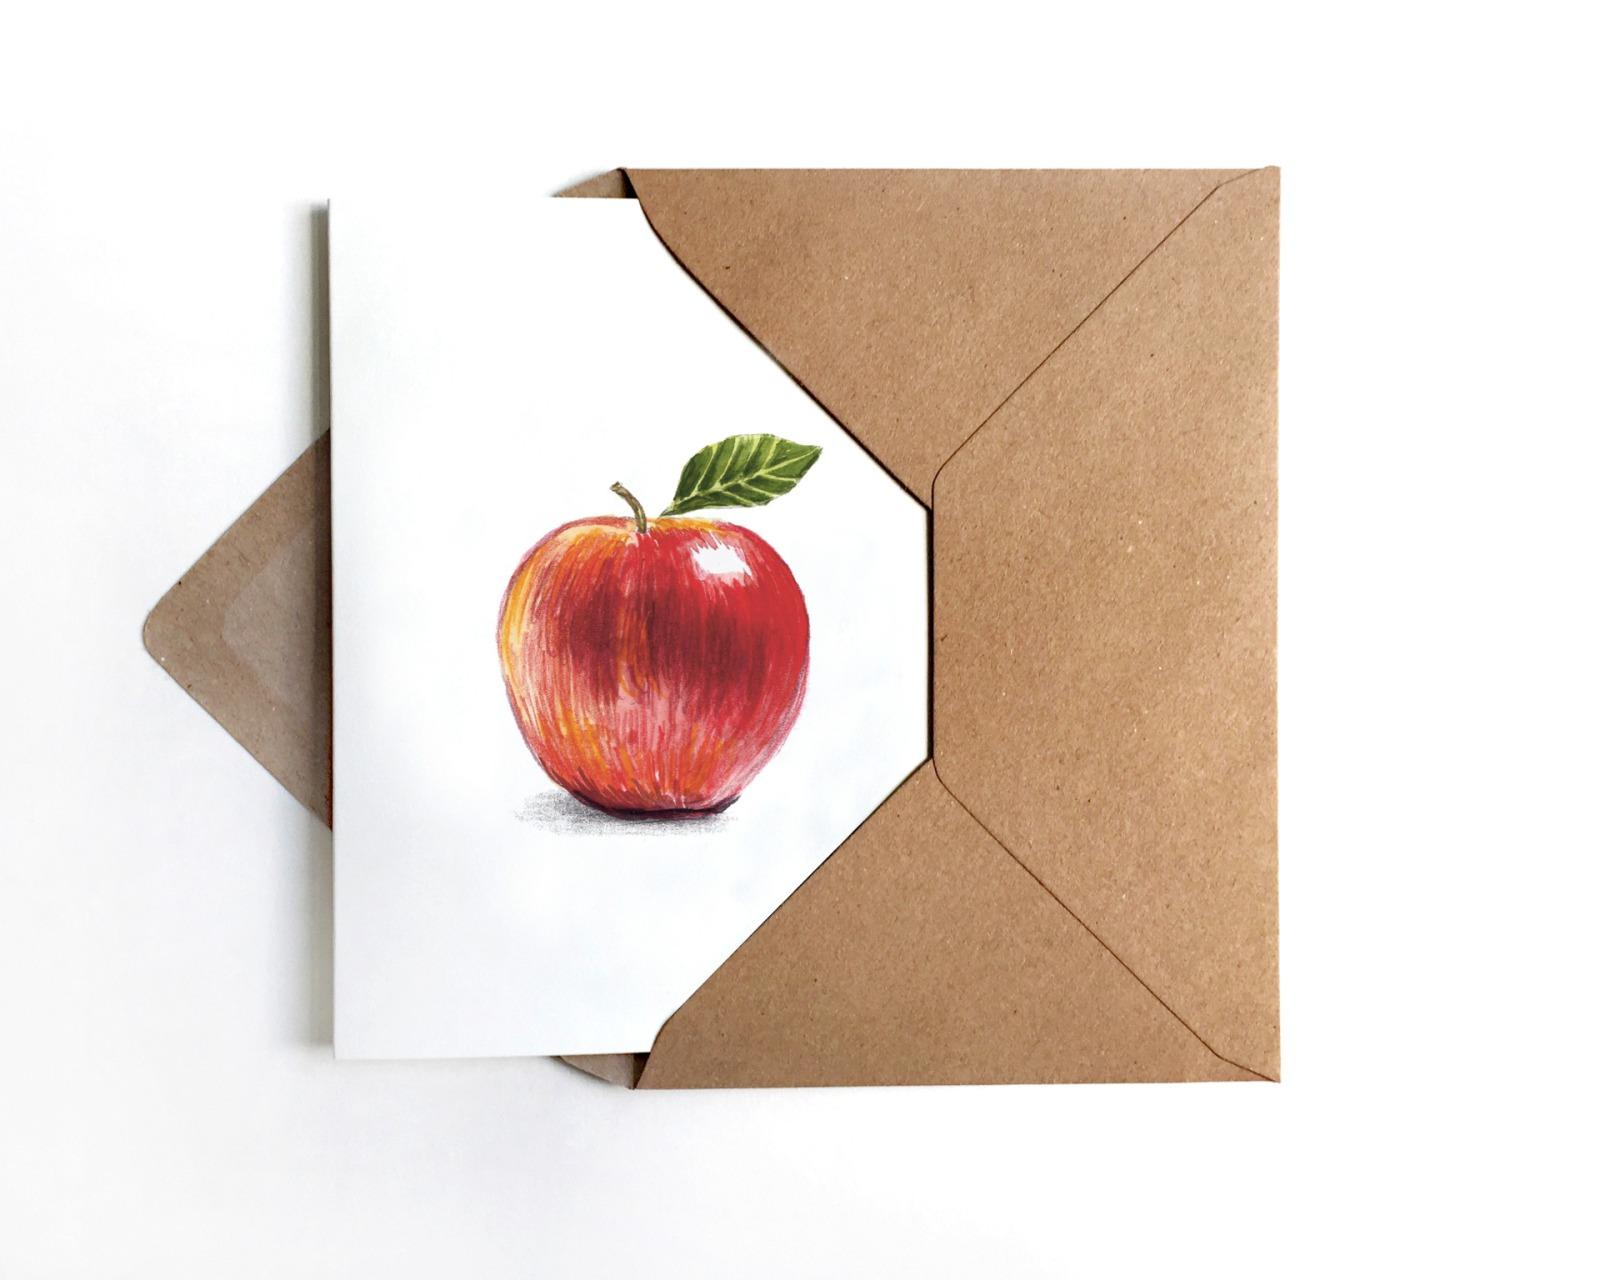 Grußkarte Apfel Apfelkarte